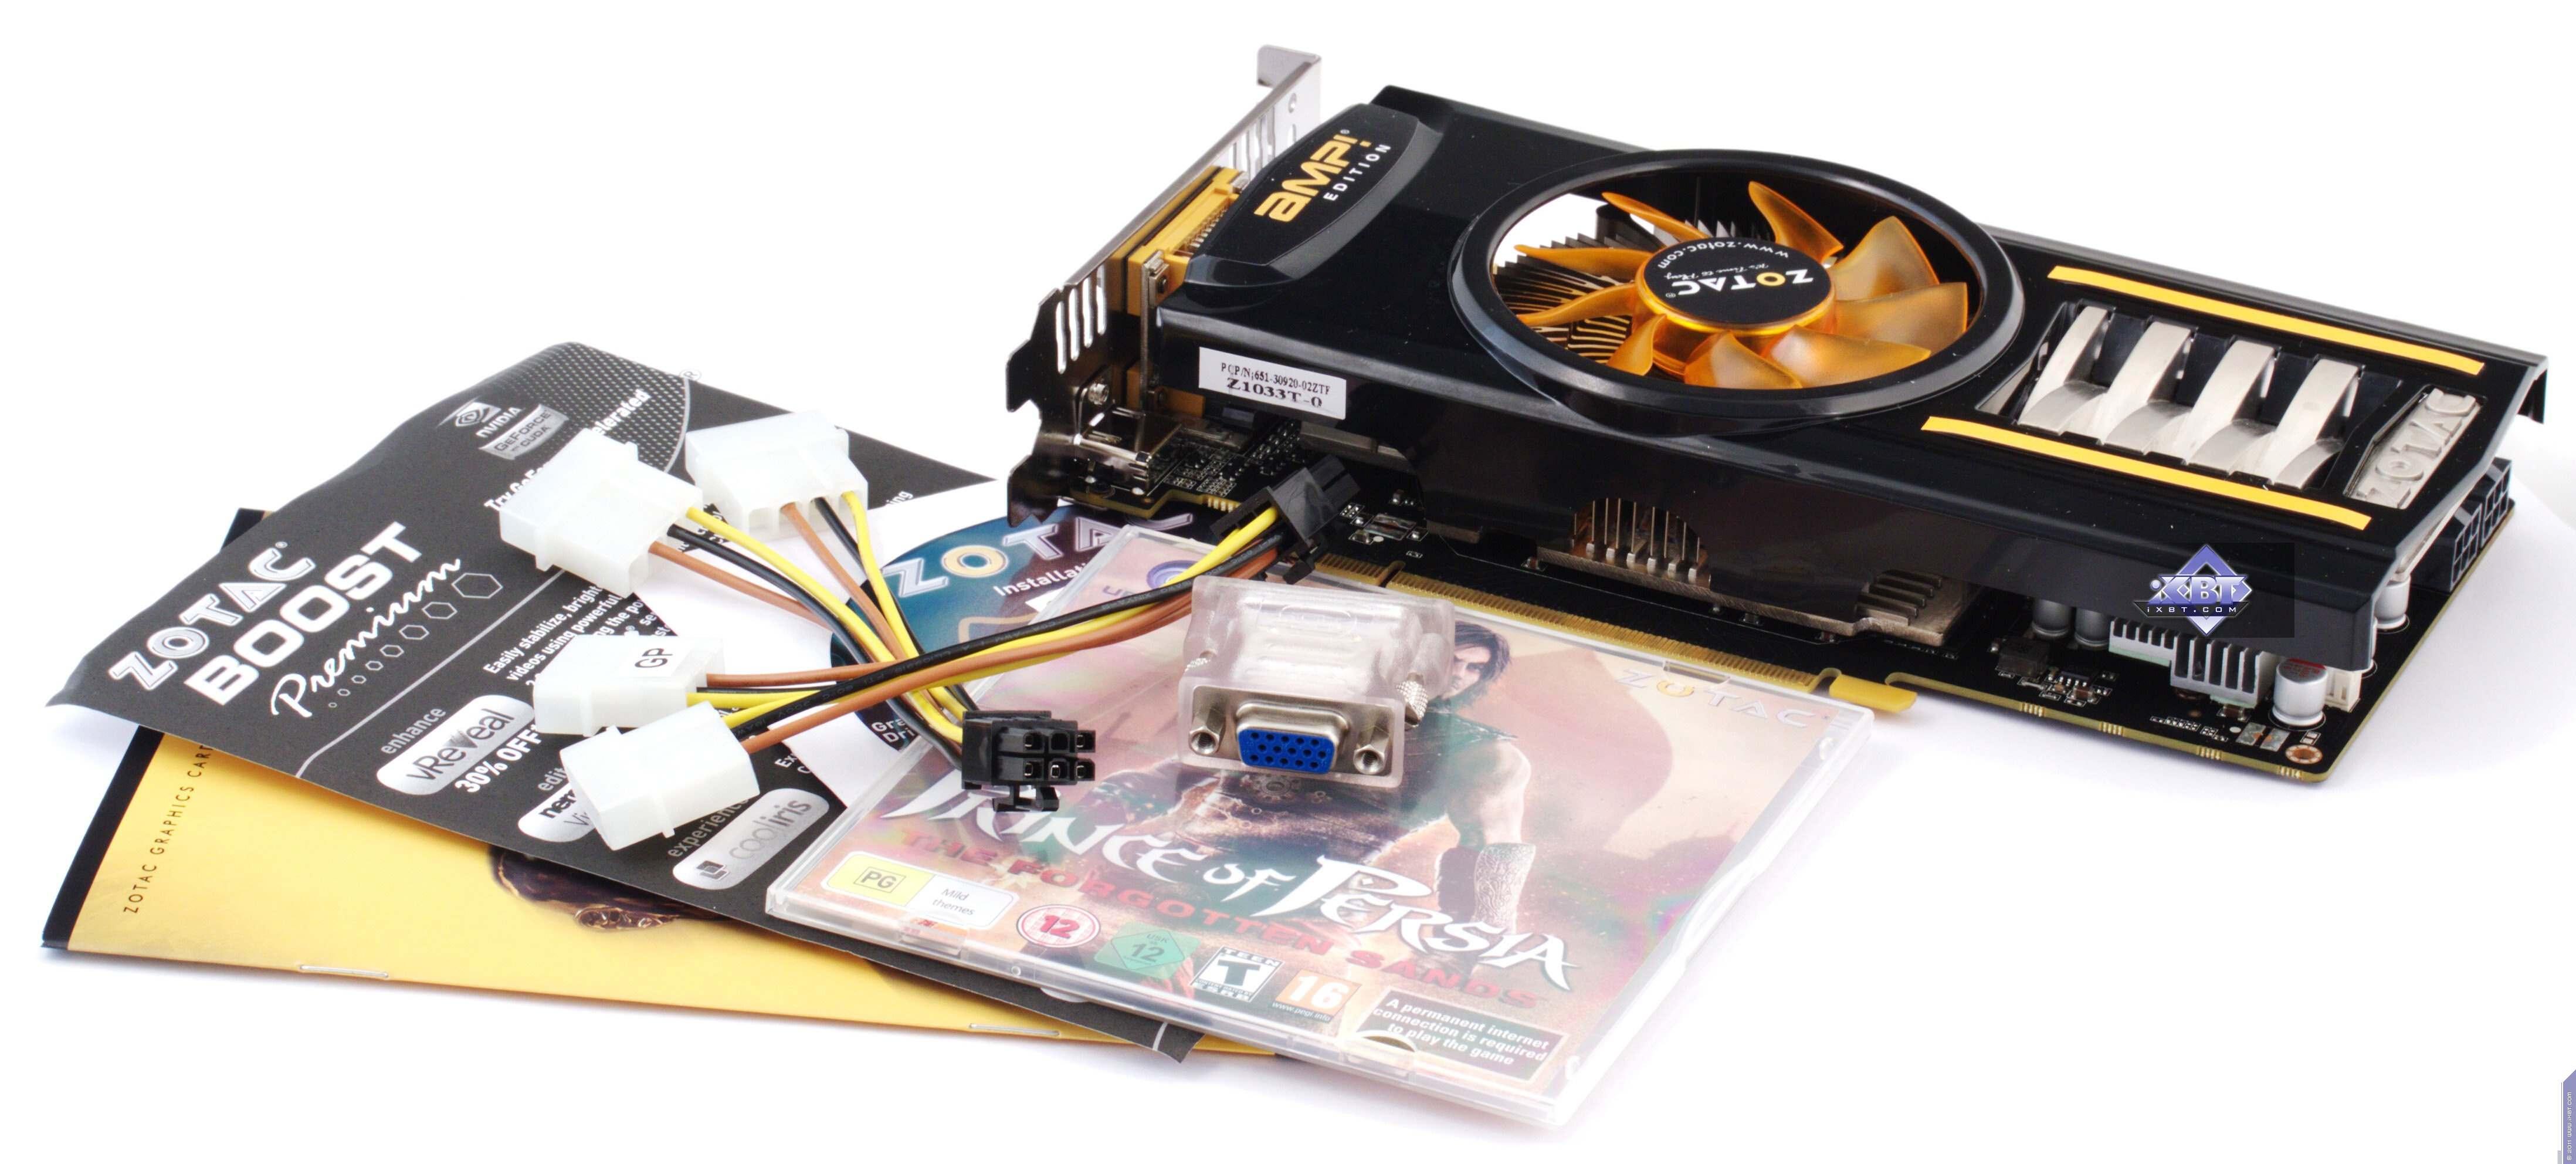 iXBT Labs - Zotac GeForce GT 430 ZONE, GTS 450 AMP!, GTX 460 AMP